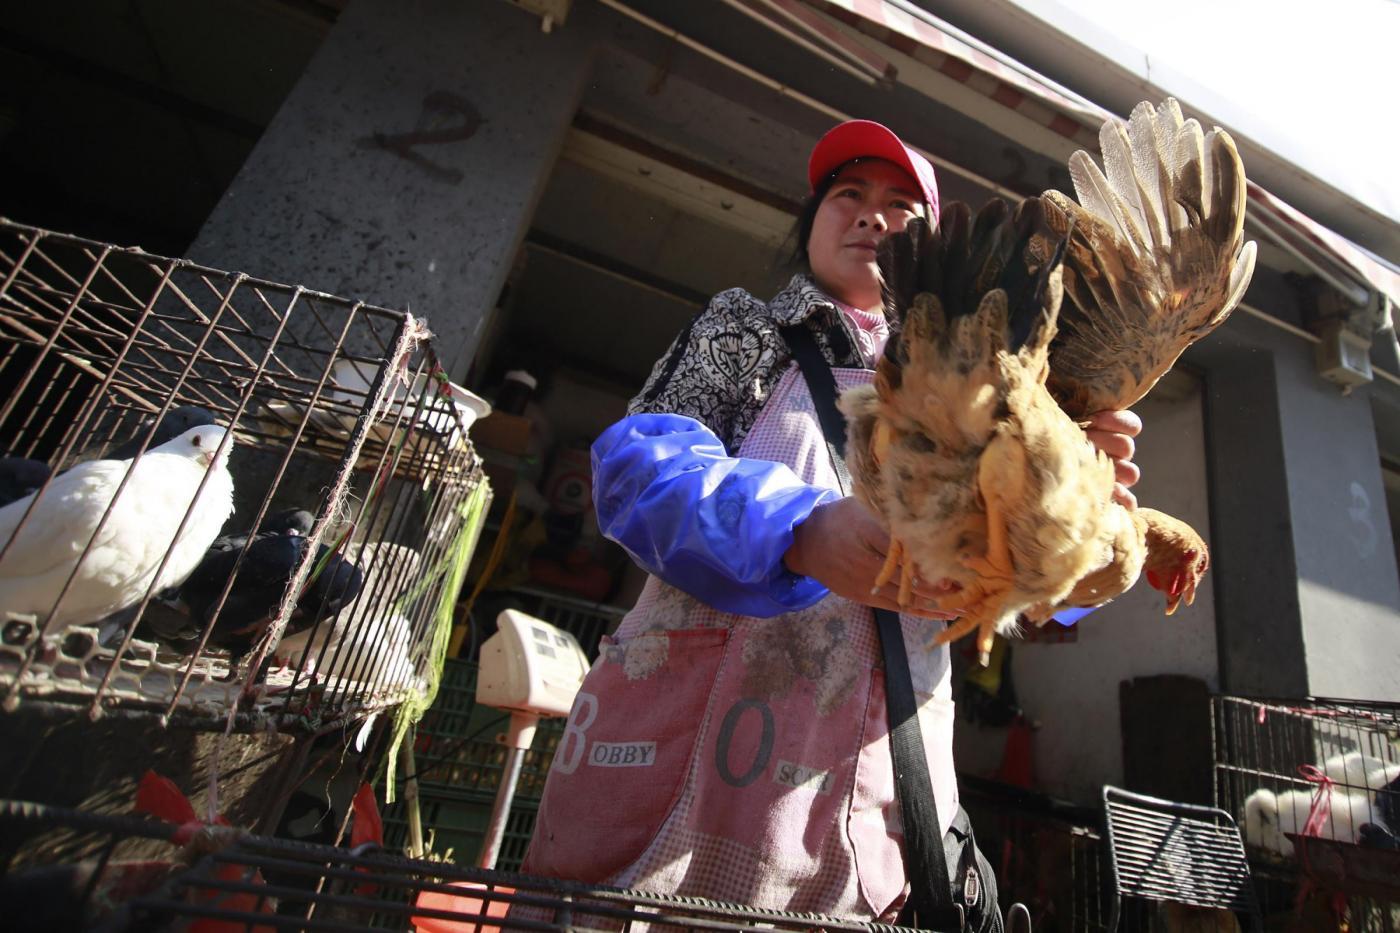 Cina, seconda vittima dell'H7N9, il virus della nuova influenza aviaria